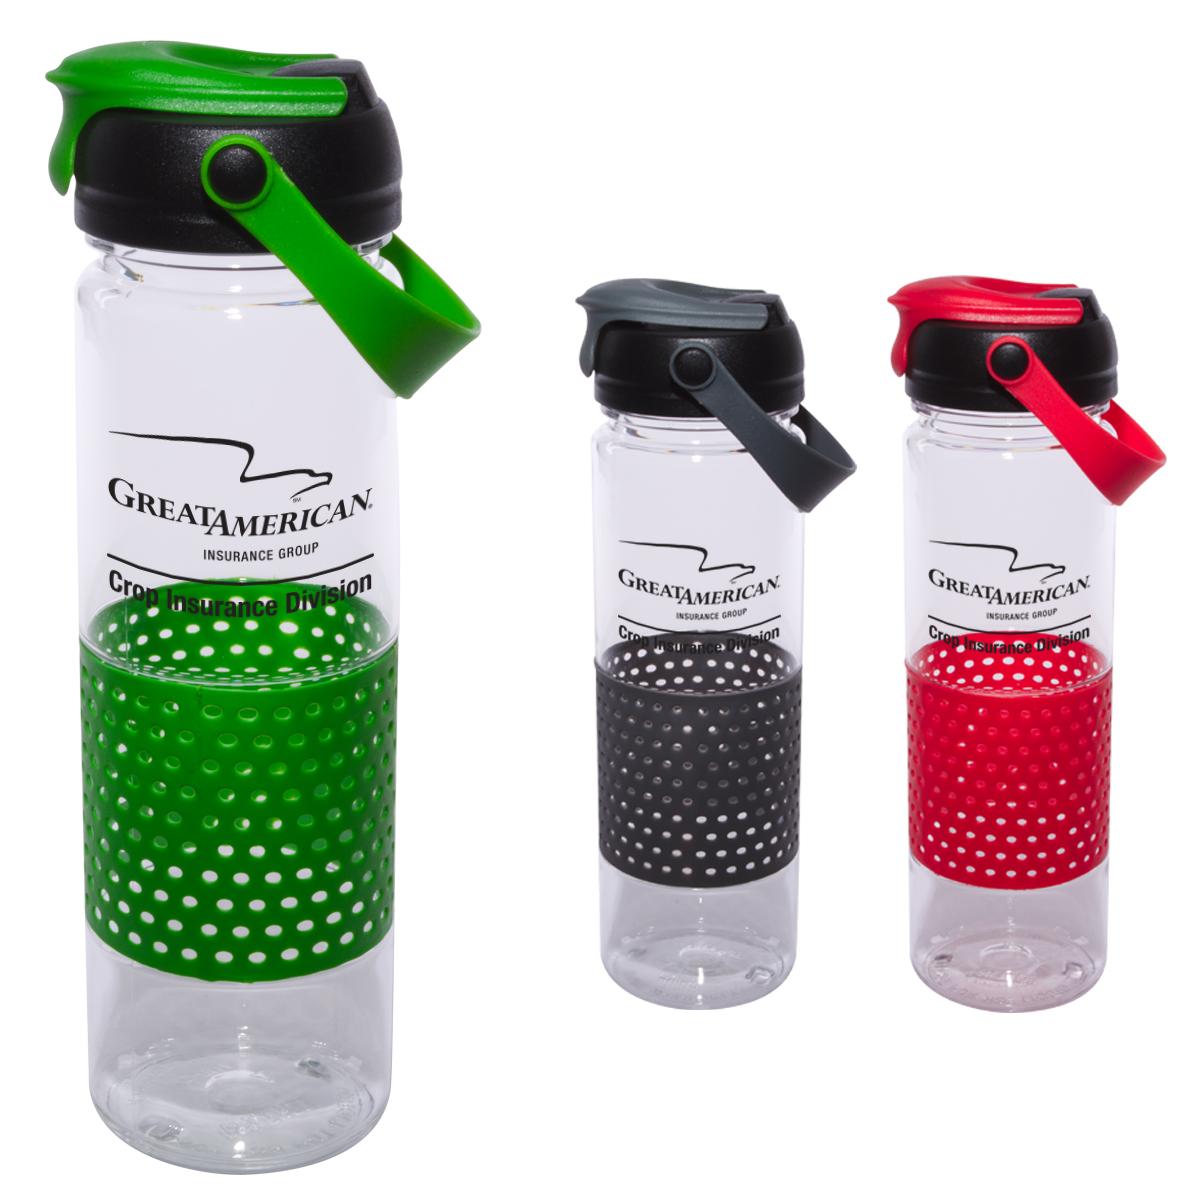 24 Oz. Grip Water Bottle